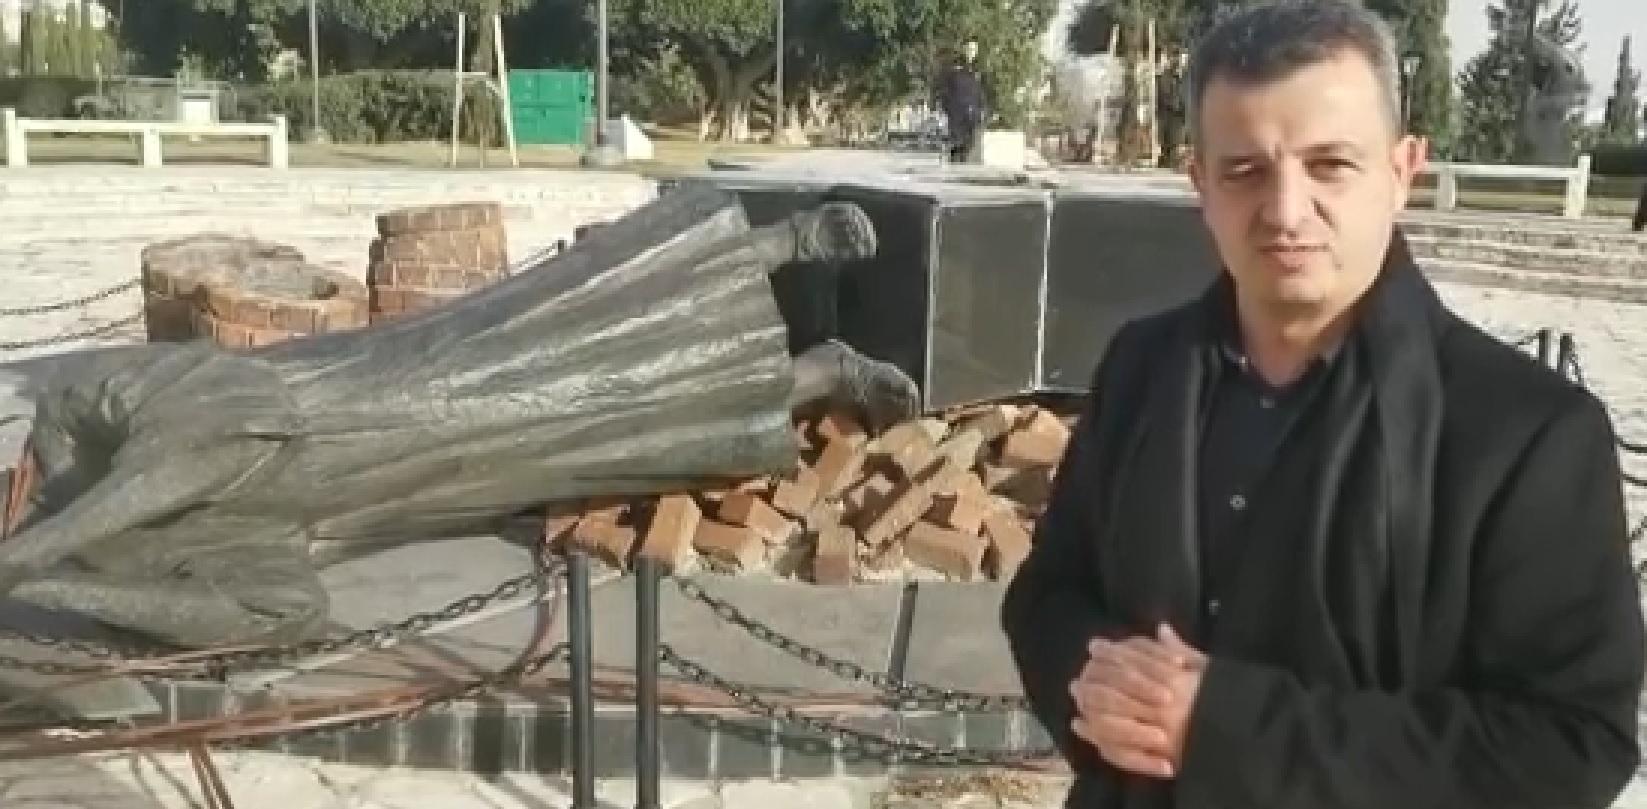 """Photo of הסערה בעקבות הריסת אנדרטת השואה הלילה בר""""ג. כרמל שאמה: """"מי שעשה את זה הוא מטורף וחיה"""""""